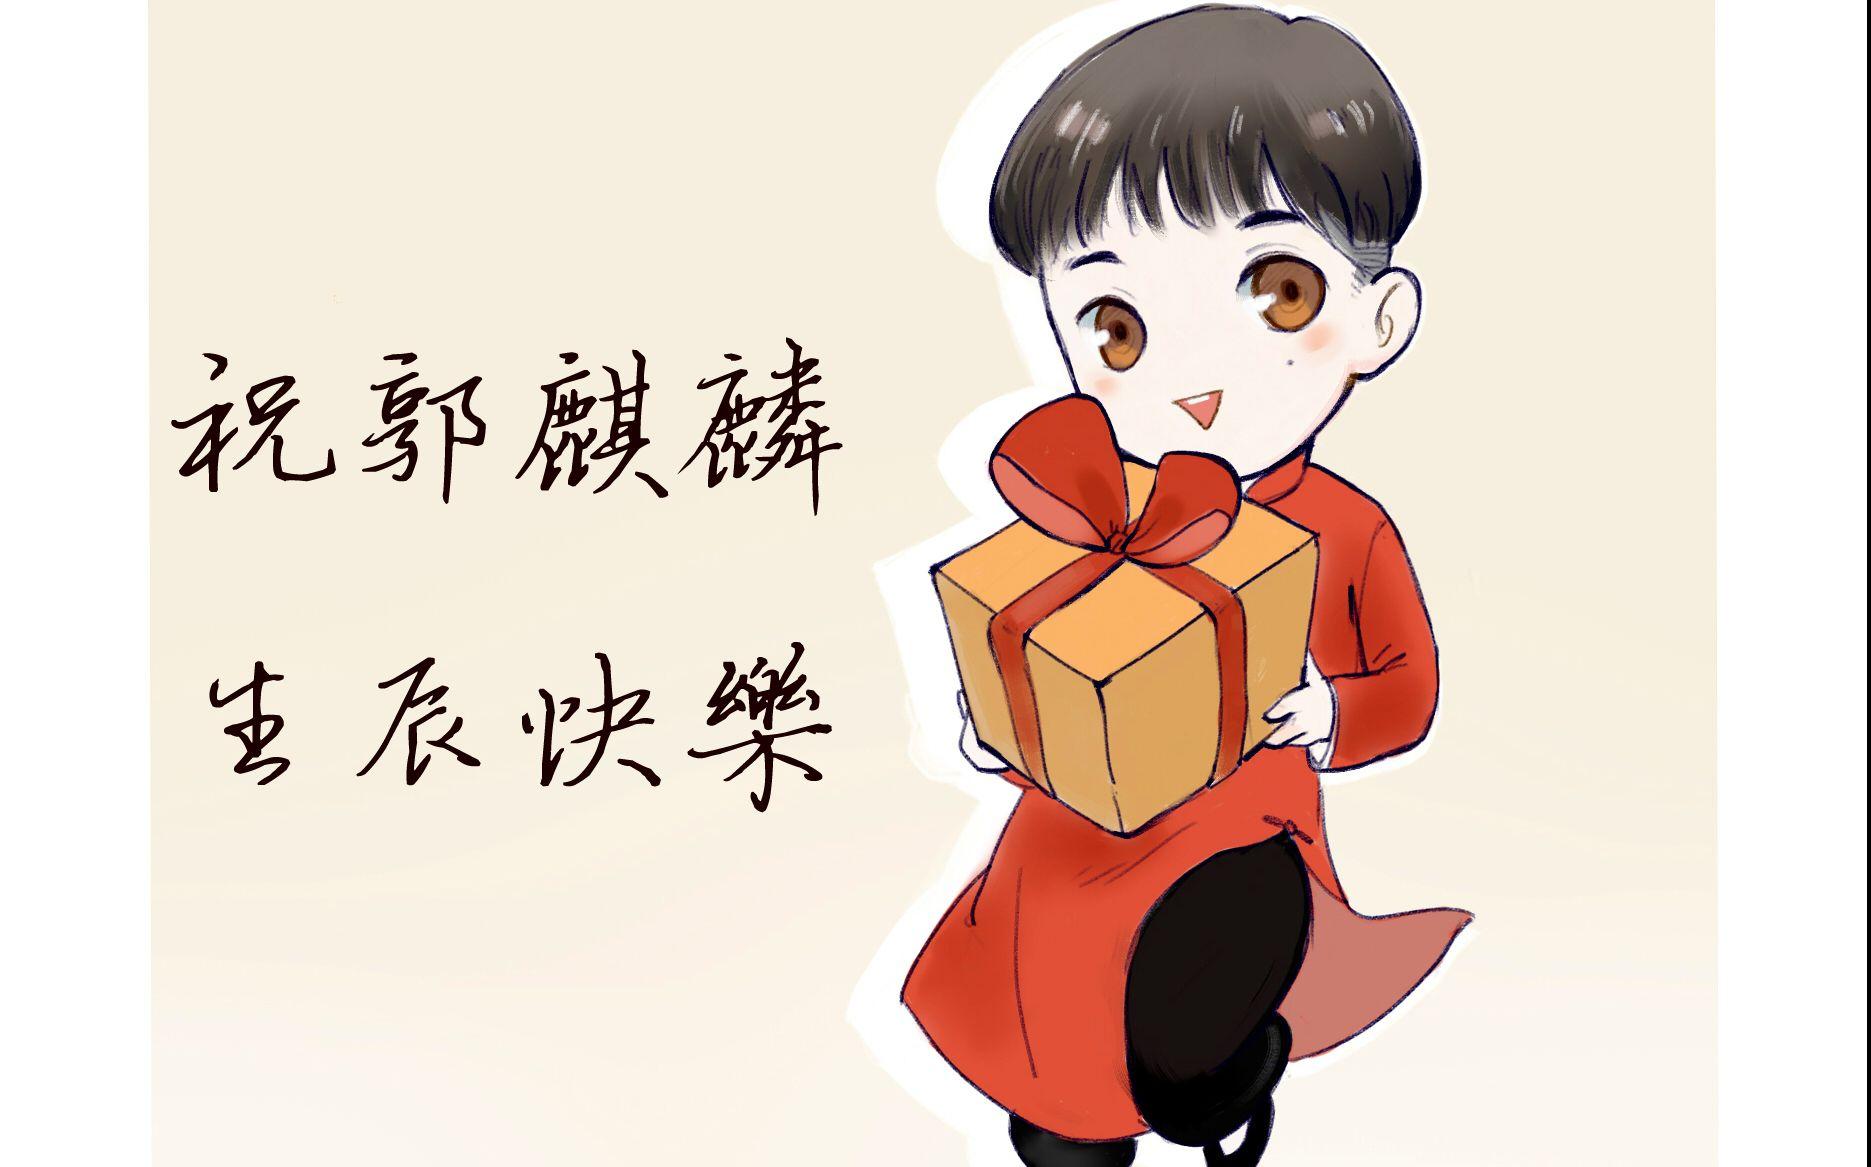 二十一岁生日祝福语图片